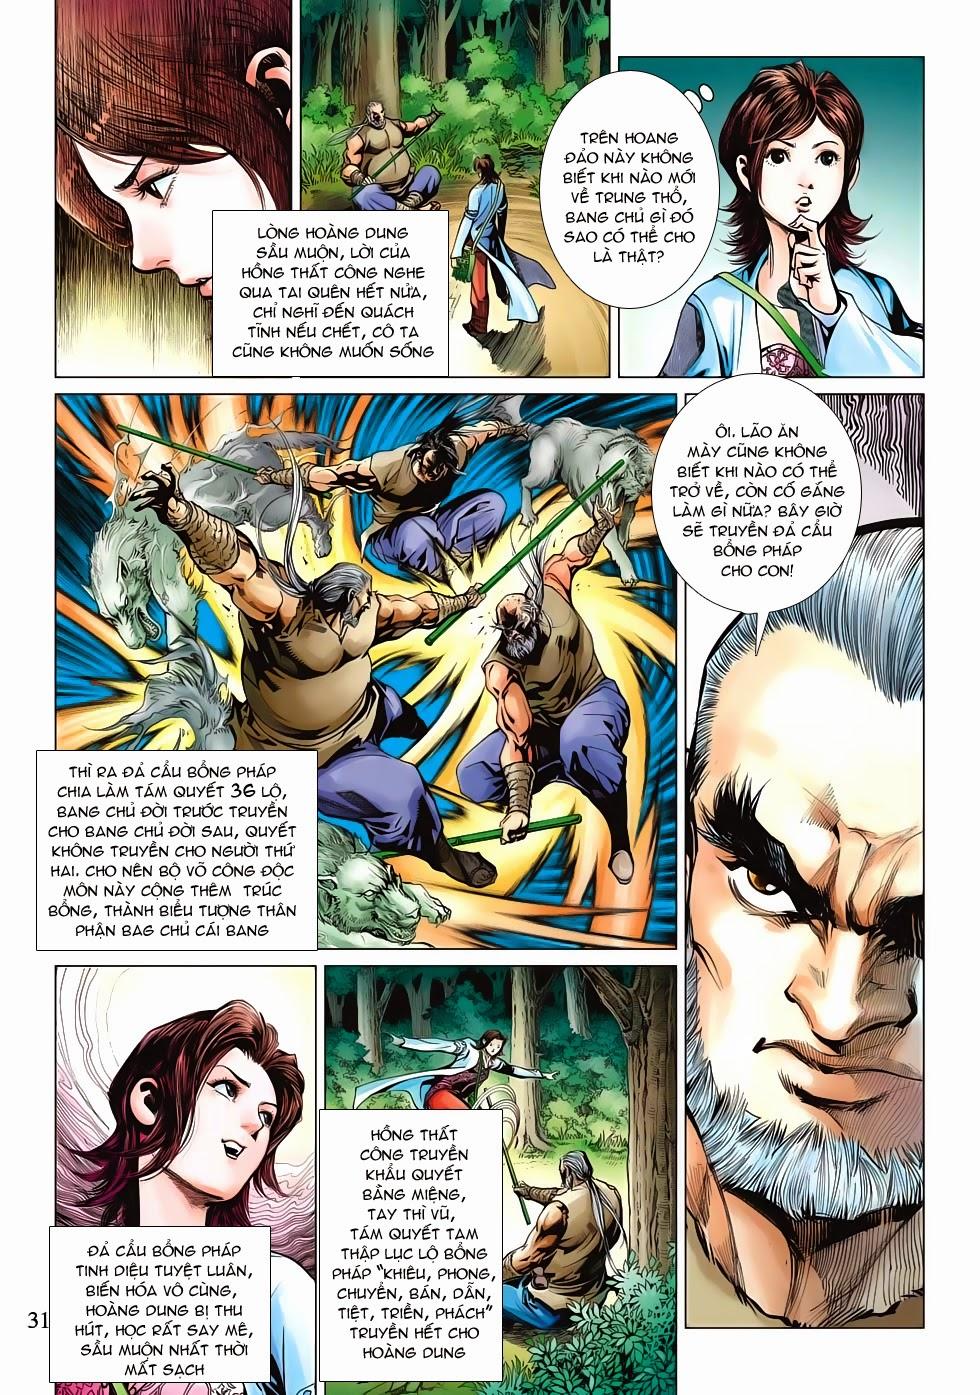 Anh Hùng Xạ Điêu anh hùng xạ đêu chap 53: lâm nguy thụ mệnh đả cẩu học pháp trang 32